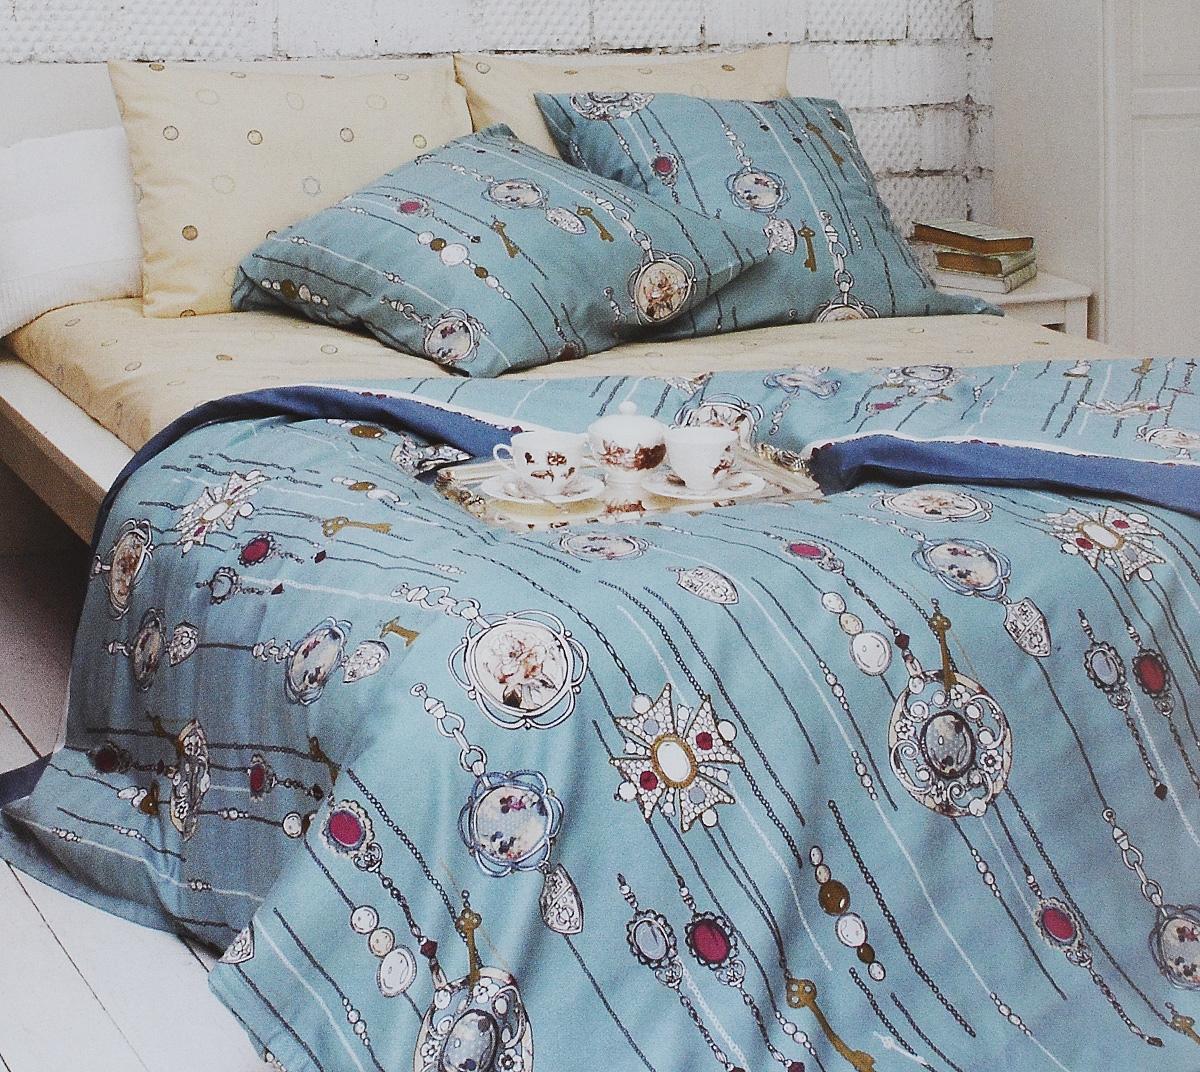 Комплект белья Tiffanys Secret, 1,5-спальный, наволочки 70х70, цвет: бирюзовый, белый, бежевый2040815162Комплект постельного белья Tiffanys Secret является экологически безопасным для всей семьи, так как выполнен из сатина (100% хлопок). Комплект состоит из пододеяльника, простыни и двух наволочек. Предметы комплекта оформлены оригинальным рисунком.Благодаря такому комплекту постельного белья вы сможете создать атмосферу уюта и комфорта в вашей спальне.Сатин - это ткань, навсегда покорившая сердца человечества. Ценившие роскошь персы называли ее атлас, а искушенные в прекрасном французы - сатин. Секрет высококачественного сатина в безупречности всего технологического процесса. Эту благородную ткань делают только из отборной натуральной пряжи, которую получают из самого лучшего тонковолокнистого хлопка. Благодаря использованию самой тонкой хлопковой нити получается необычайно мягкое и нежное полотно. Сатиновое постельное белье превращает жаркие летние ночи в прохладные и освежающие, а холодные зимние - в теплые и согревающие. Сатин очень приятен на ощупь, постельное белье из него долговечно, выдерживает более 300 стирок, и лишь спустя долгое время материал начинает немного тускнеть. Оцените все достоинства постельного белья из сатина, выбирая самое лучшее для себя!